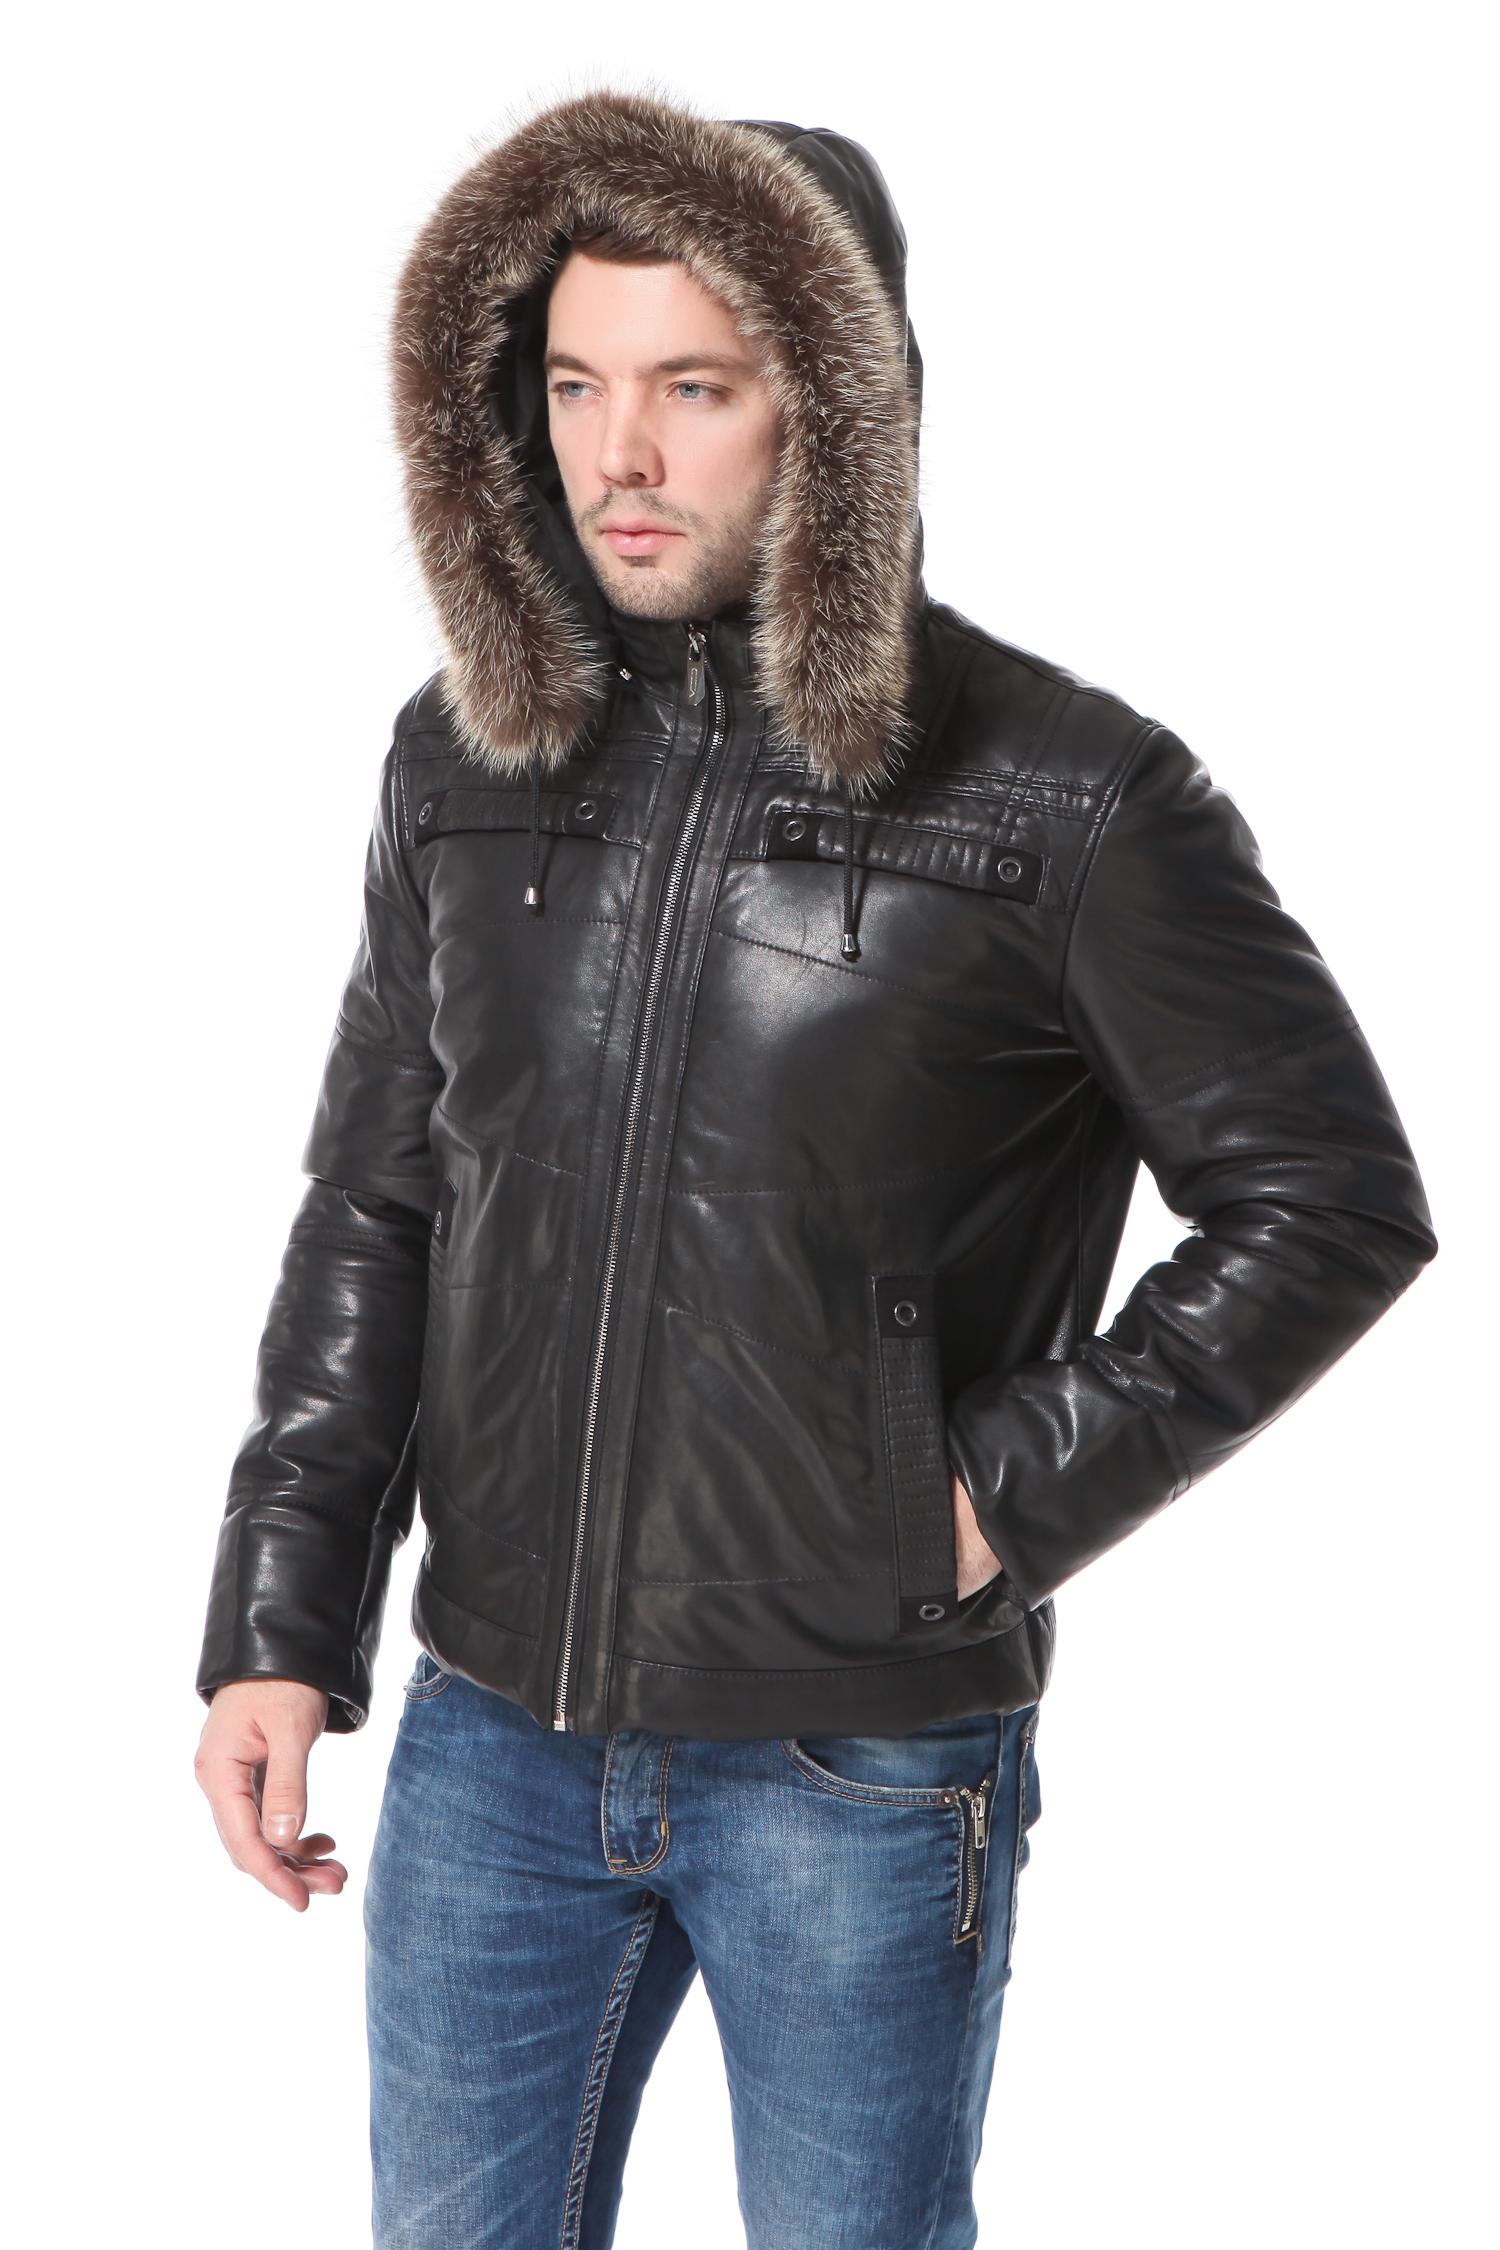 Пуховик мужской из натуральной кожи с капюшоном, отделка енотЦвет - угольно-черный.<br><br>Теплый, удобный и стильный пуховик выполнен из высококачественной натуральной кожи. Утеплитель  материал нового поколения-тинсулайт.<br><br>Актуальный фасон и комфортная длина позволят великолепно чувствовать себя зимой за рулем личного автомобиля или во время поездок в общественном транспорте. Идеально выверенные лекала и качество пошива обеспечат очень хорошую посадку. Покрытие из натуральной кожи не только хорошо защищает от холода и ветра, но и не промокает во время мокрого снега или дождя. Пуховик не деформируется, не мнется, и его очень легко чистить. Капюшон крепится на молнию, при желании его можно отстегнуть. Модель дополнена втачными карманами и украшена декоративной прострочкой.<br><br>Воротник: съемный капюшон<br>Длина см: Короткая (51-74 )<br>Материал: Кожа овчина<br>Цвет: черный<br>Вид застежки: центральная<br>Застежка: на молнии<br>Пол: Мужской<br>Размер RU: 56